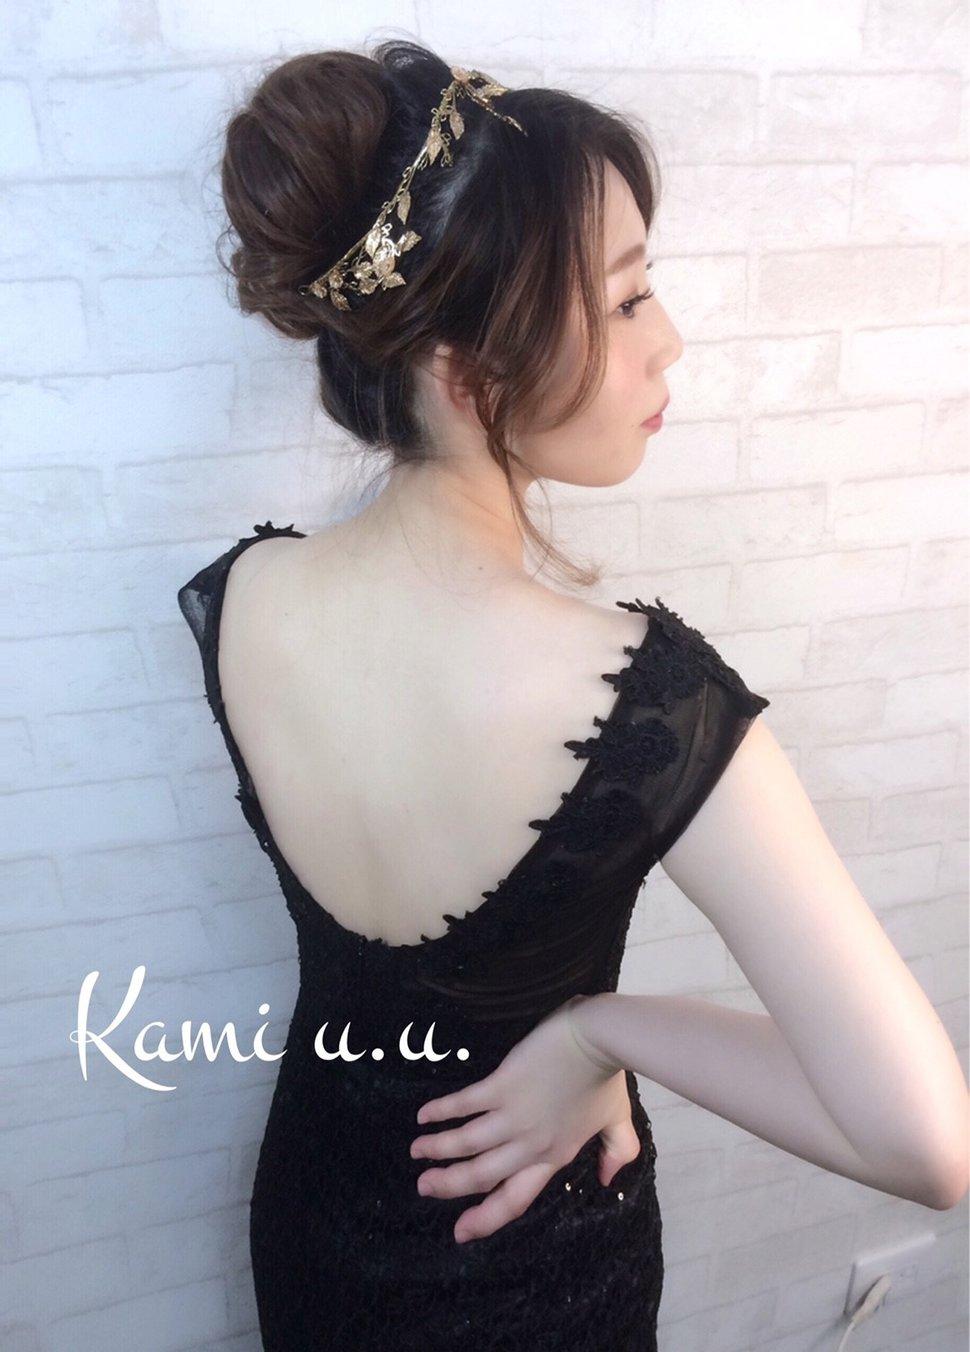 李宛霖_190223_0003 - Kami u.u. 龔芷筠《結婚吧》